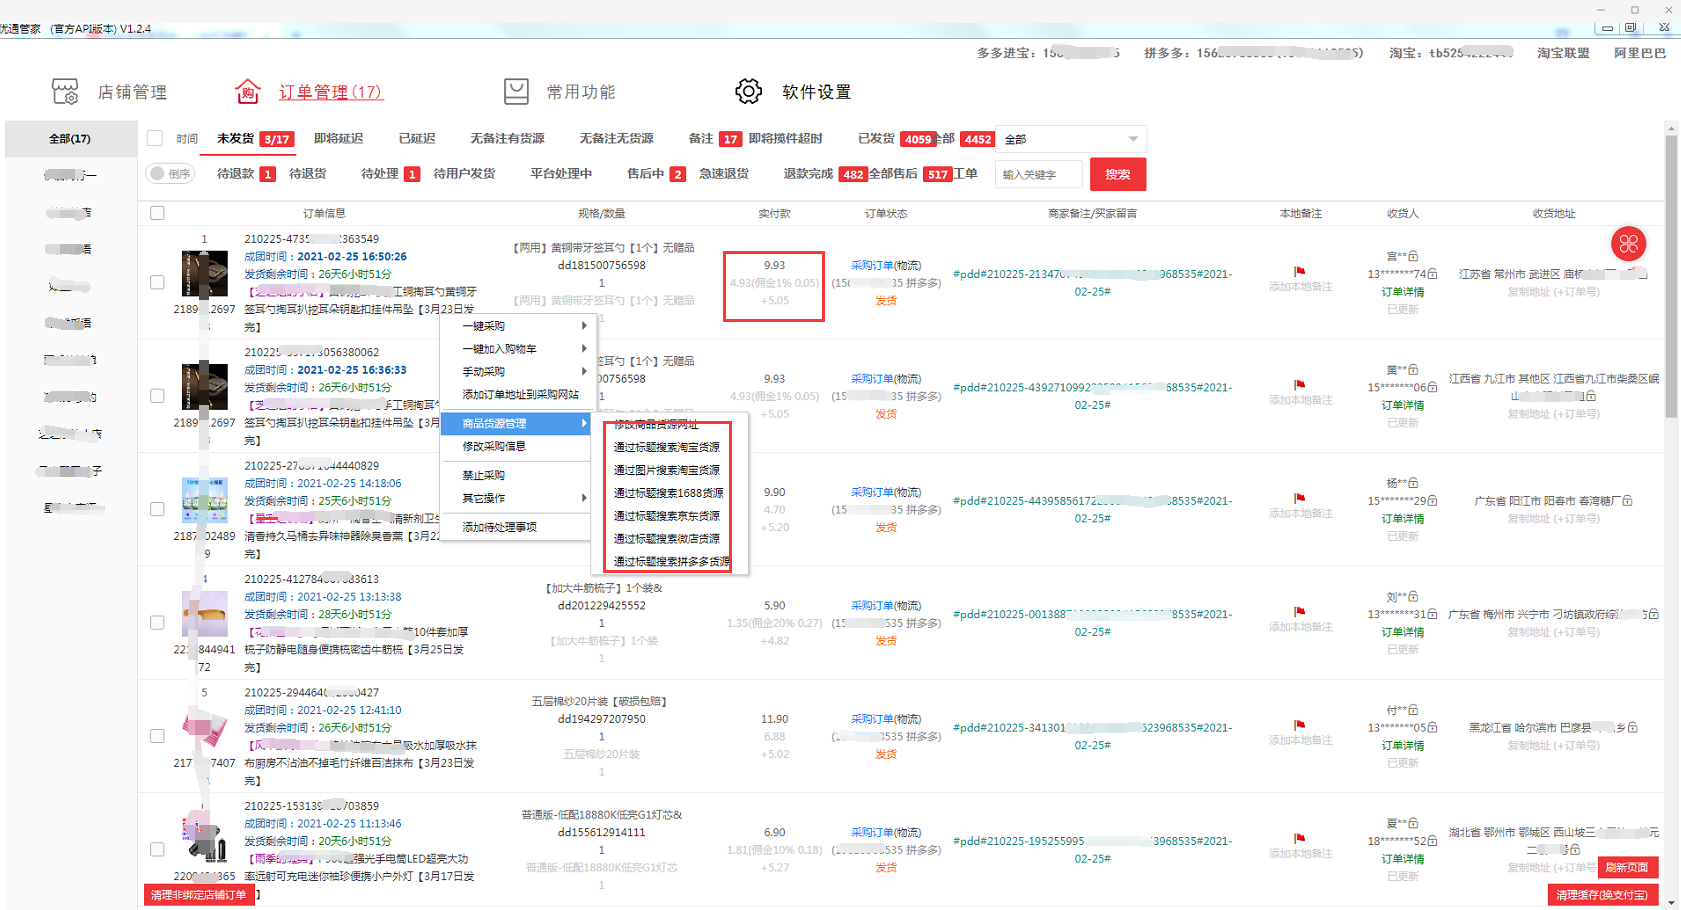 优通管家(官方API版本)截图2